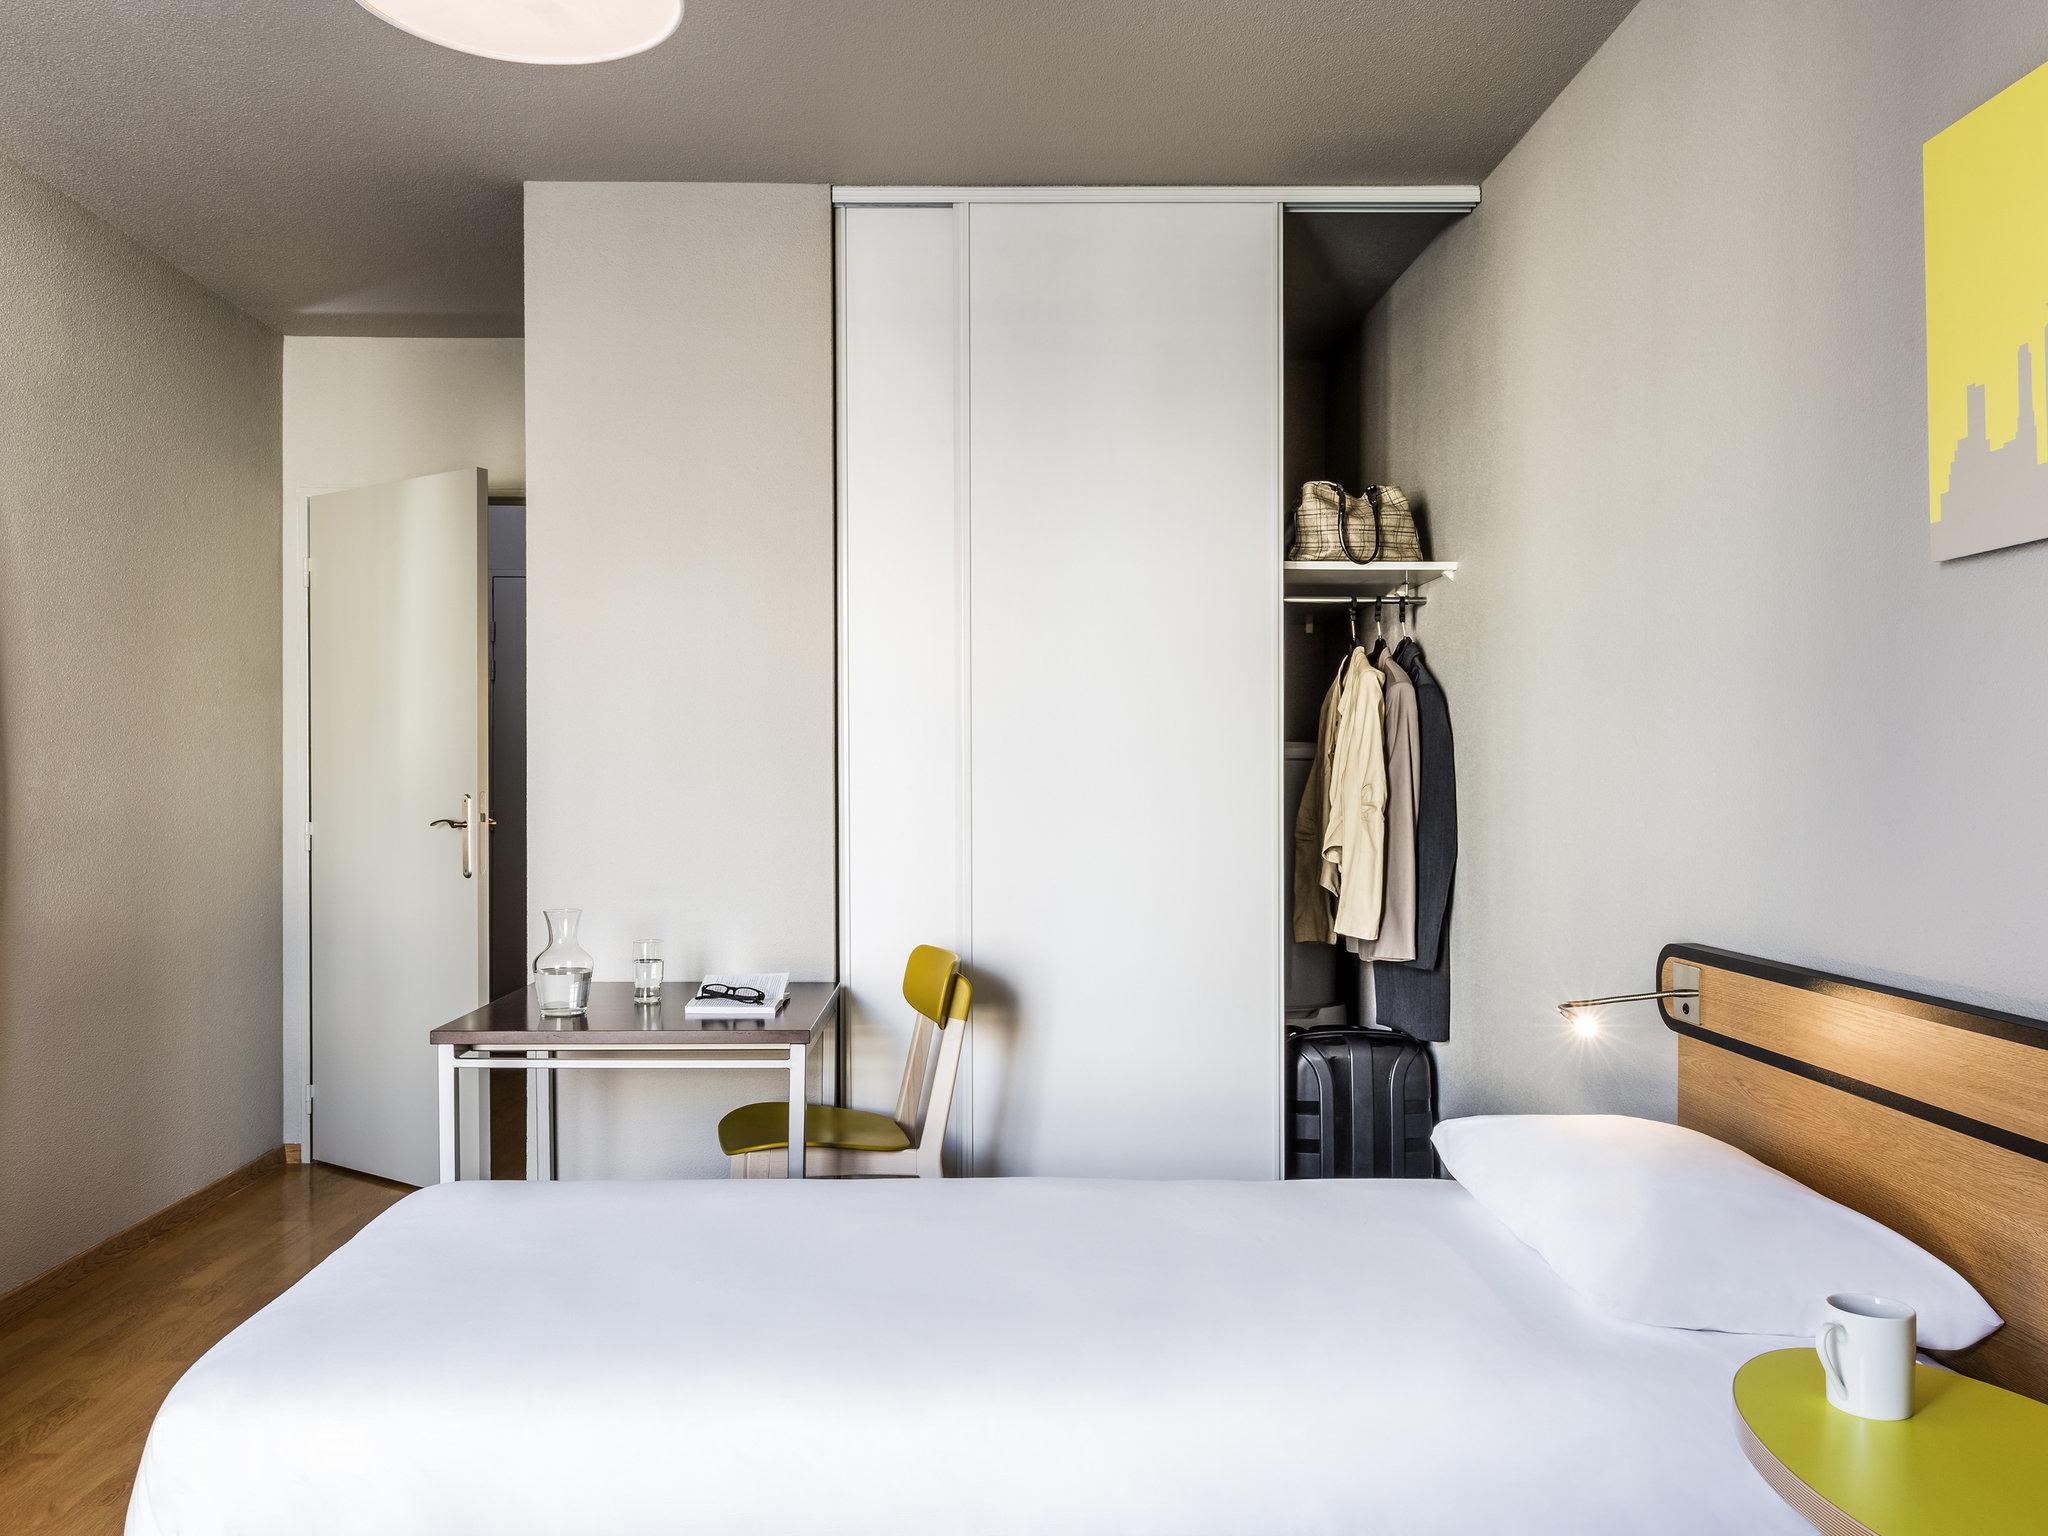 Hotel – Hotel de apartamentos Adagio access Vanves Porte de Châtillon